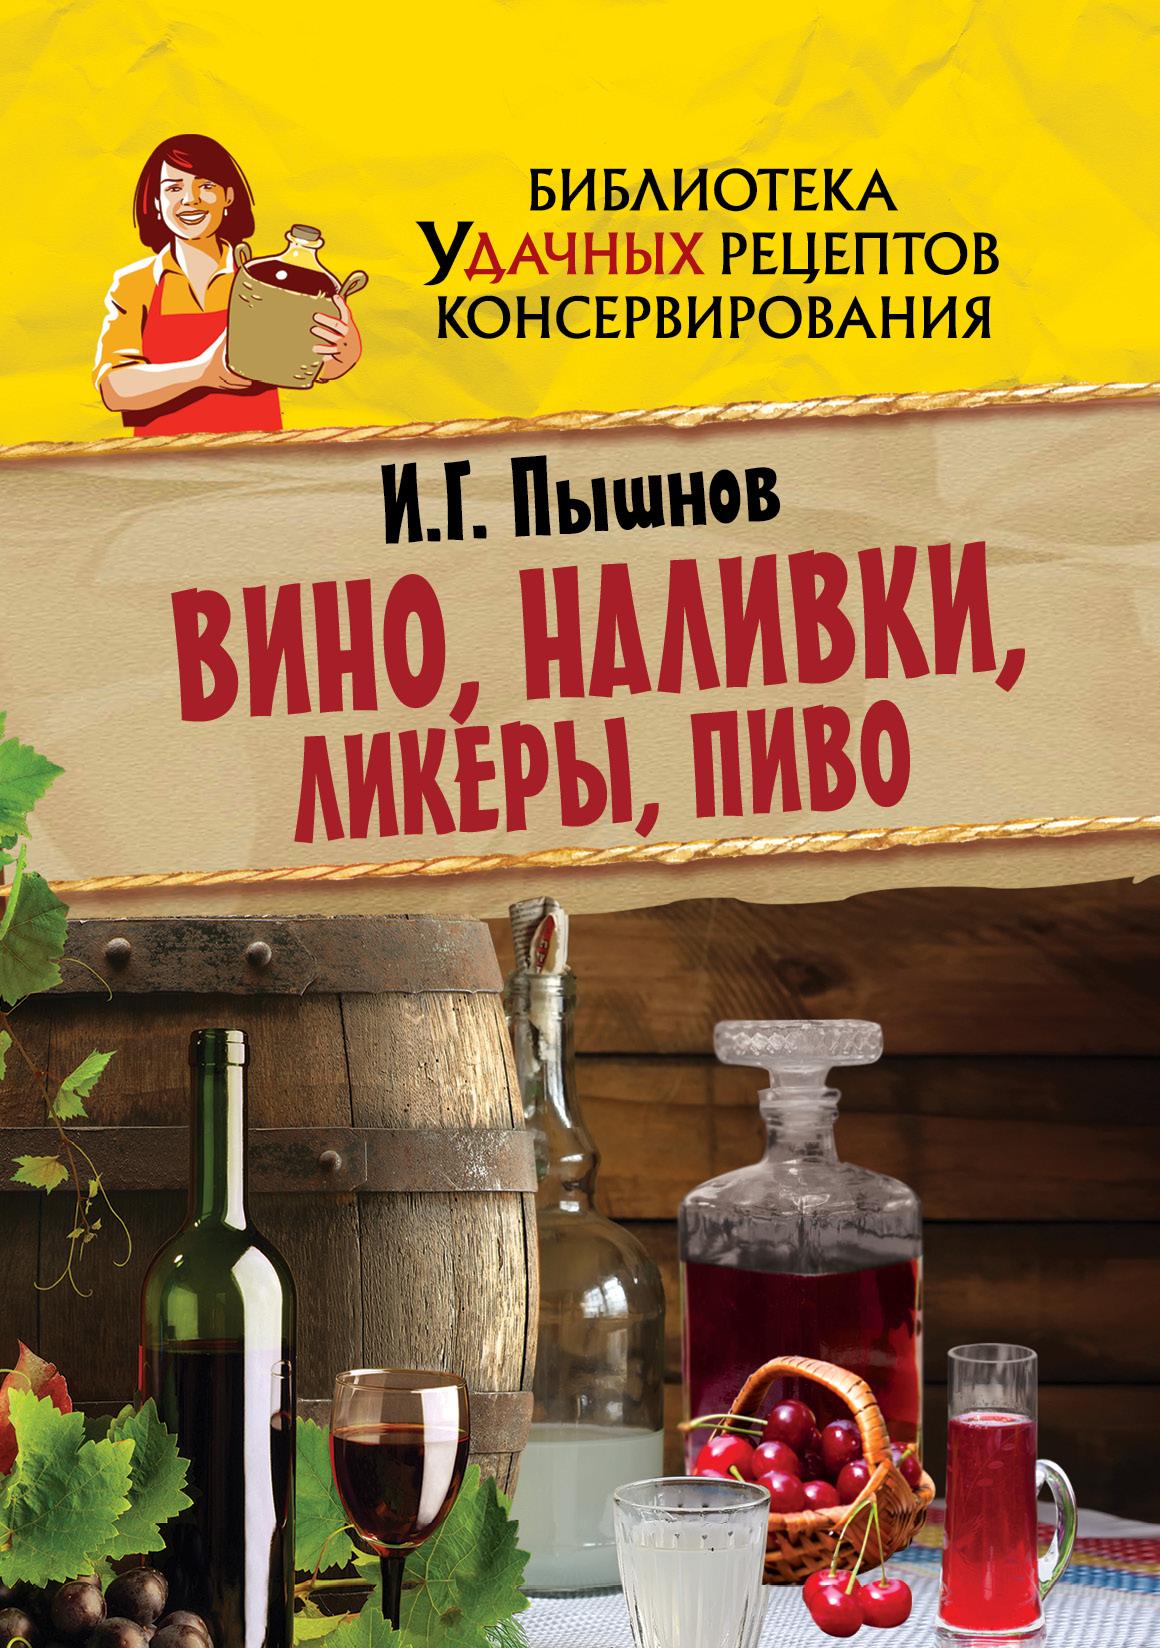 Пышнов И.Г. Вино, наливки, ликеры, пиво пышнов и вино настойки ликеры